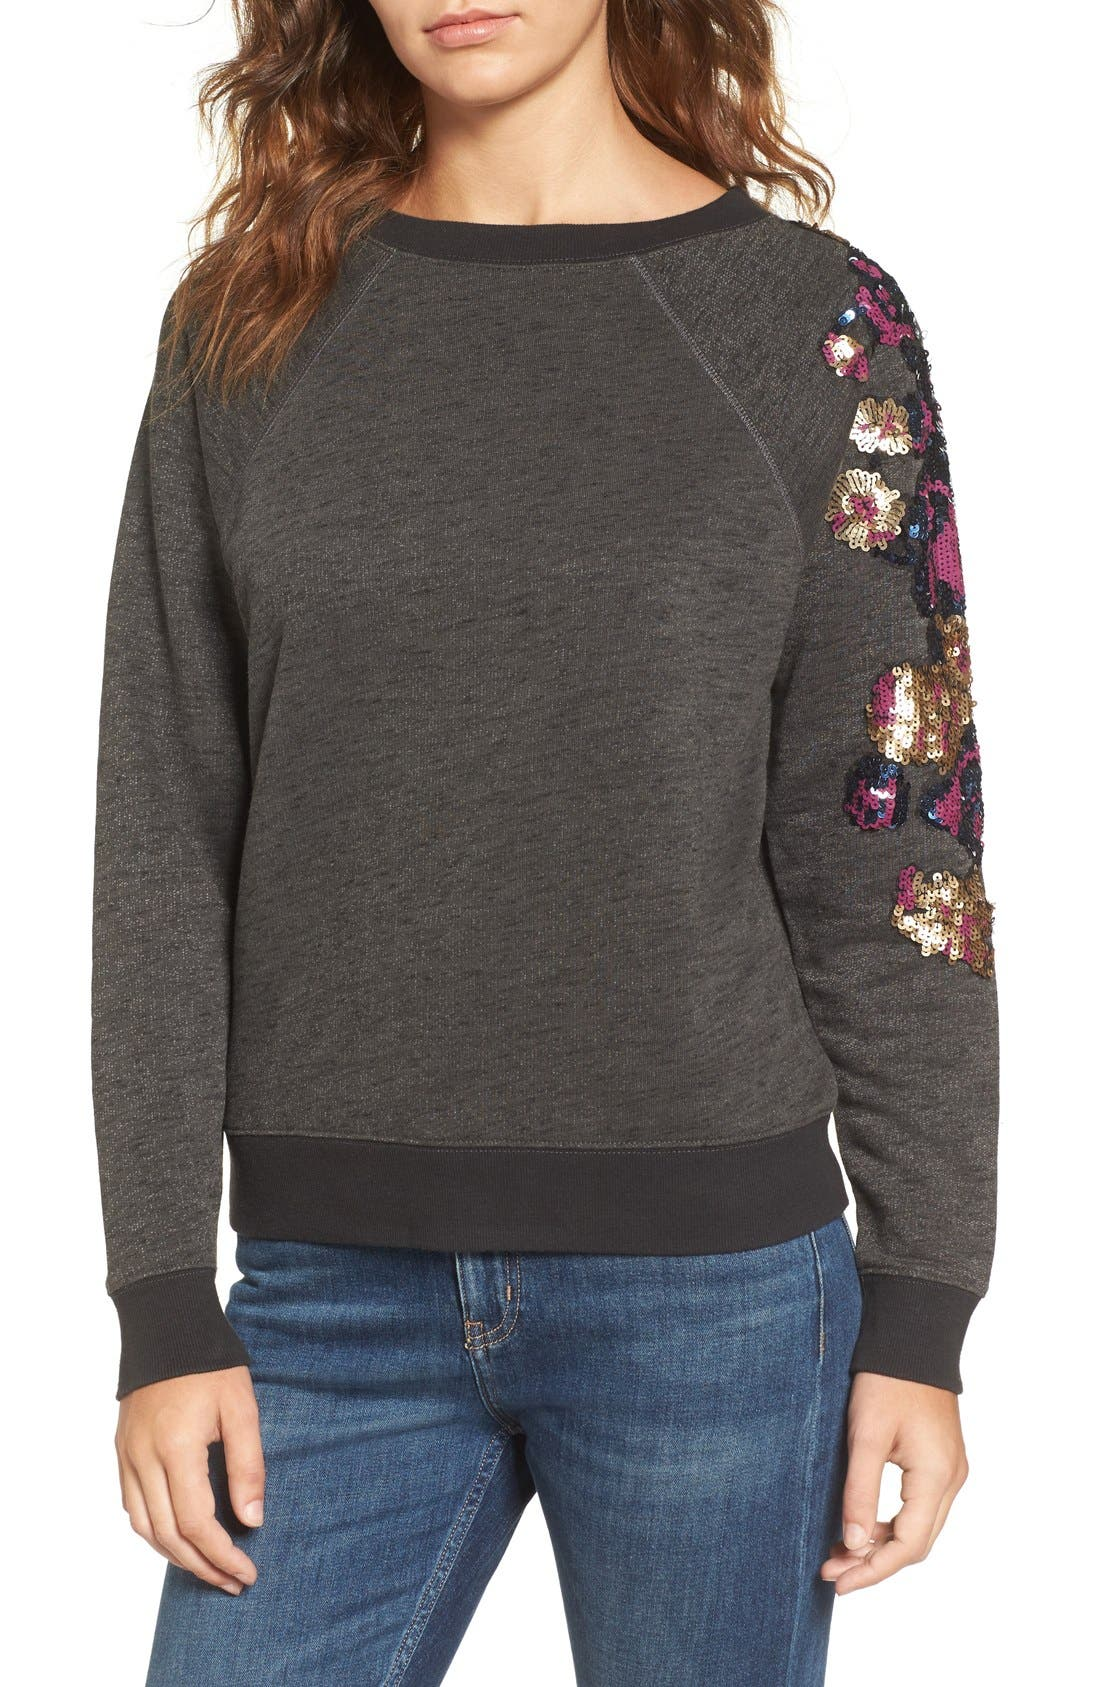 Alternate Image 1 Selected - Rebecca Minkoff Sequin Sweatshirt